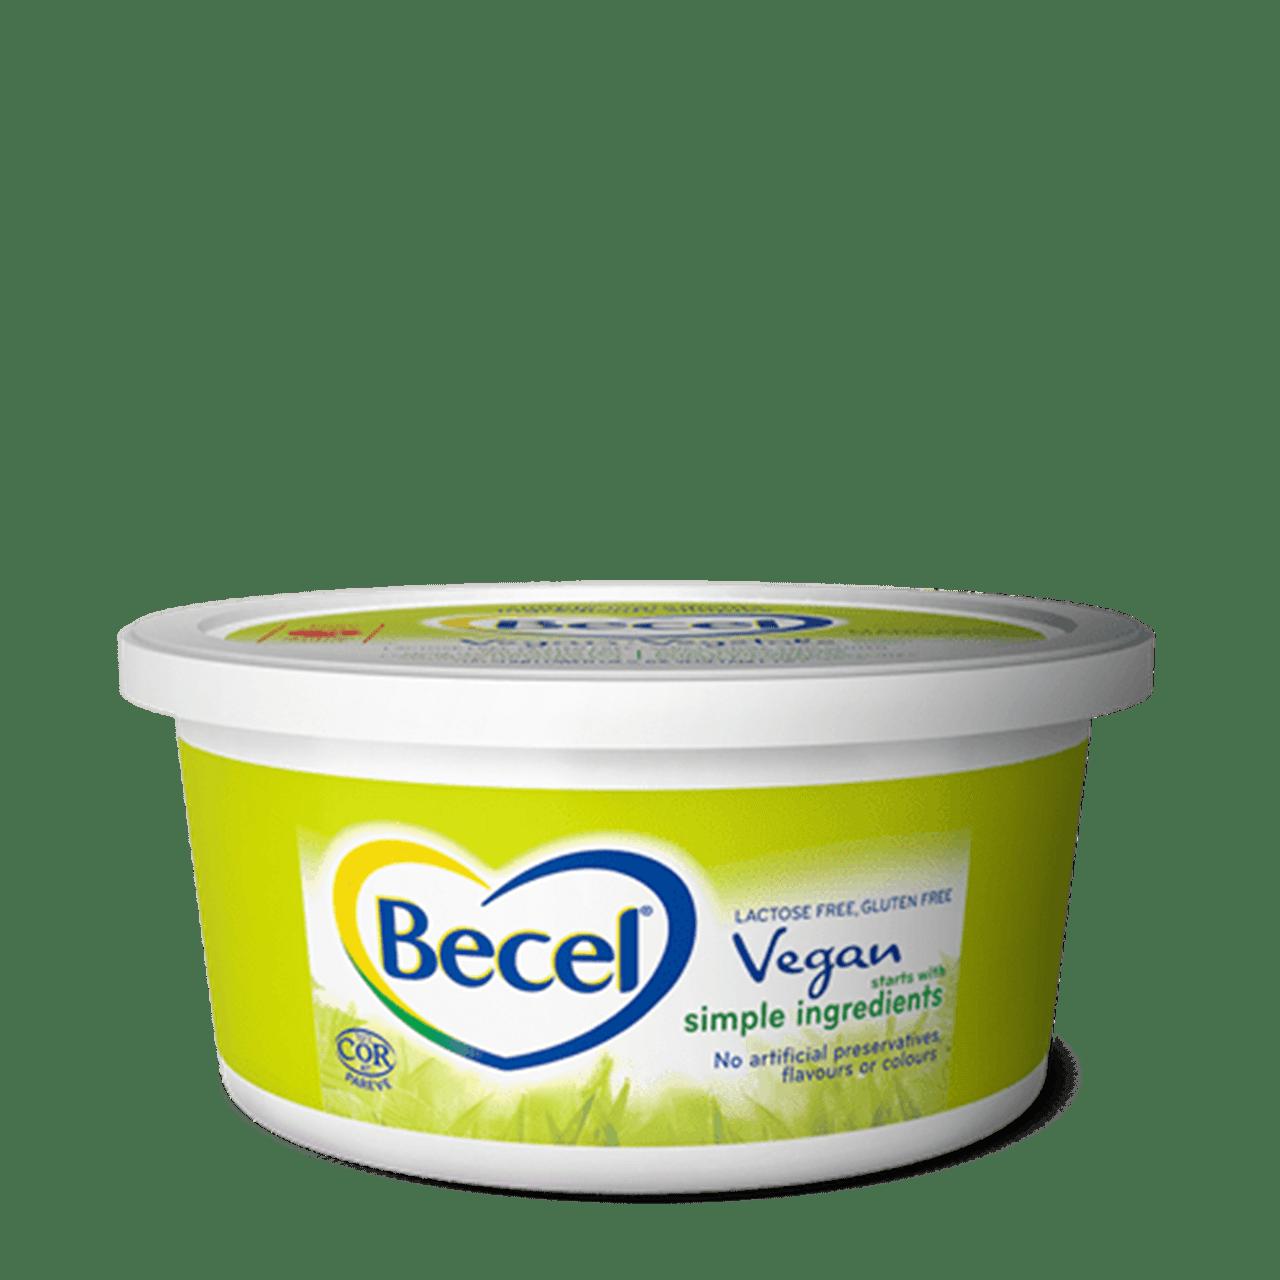 Becel Vegan